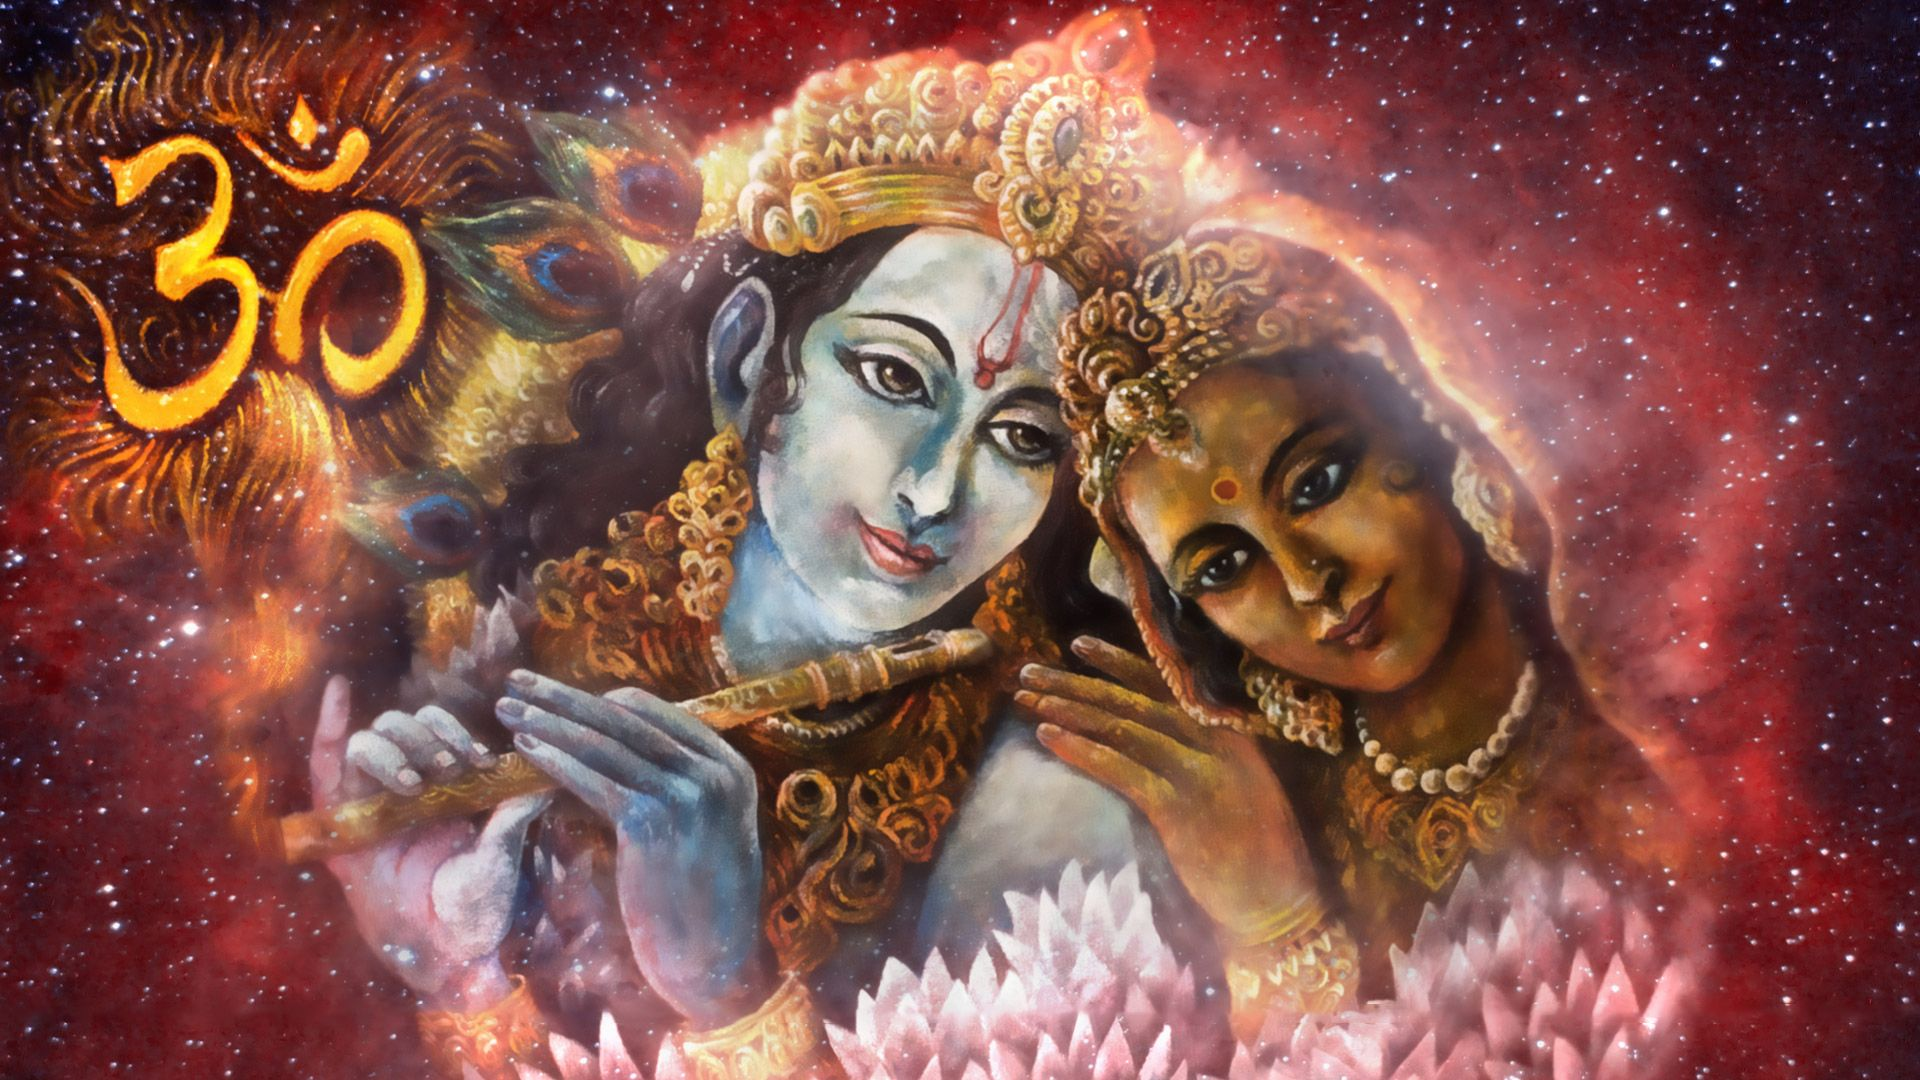 krishna wallpaper full hd 1080p lord krishna lord krishna images krishna images krishna wallpaper full hd 1080p lord